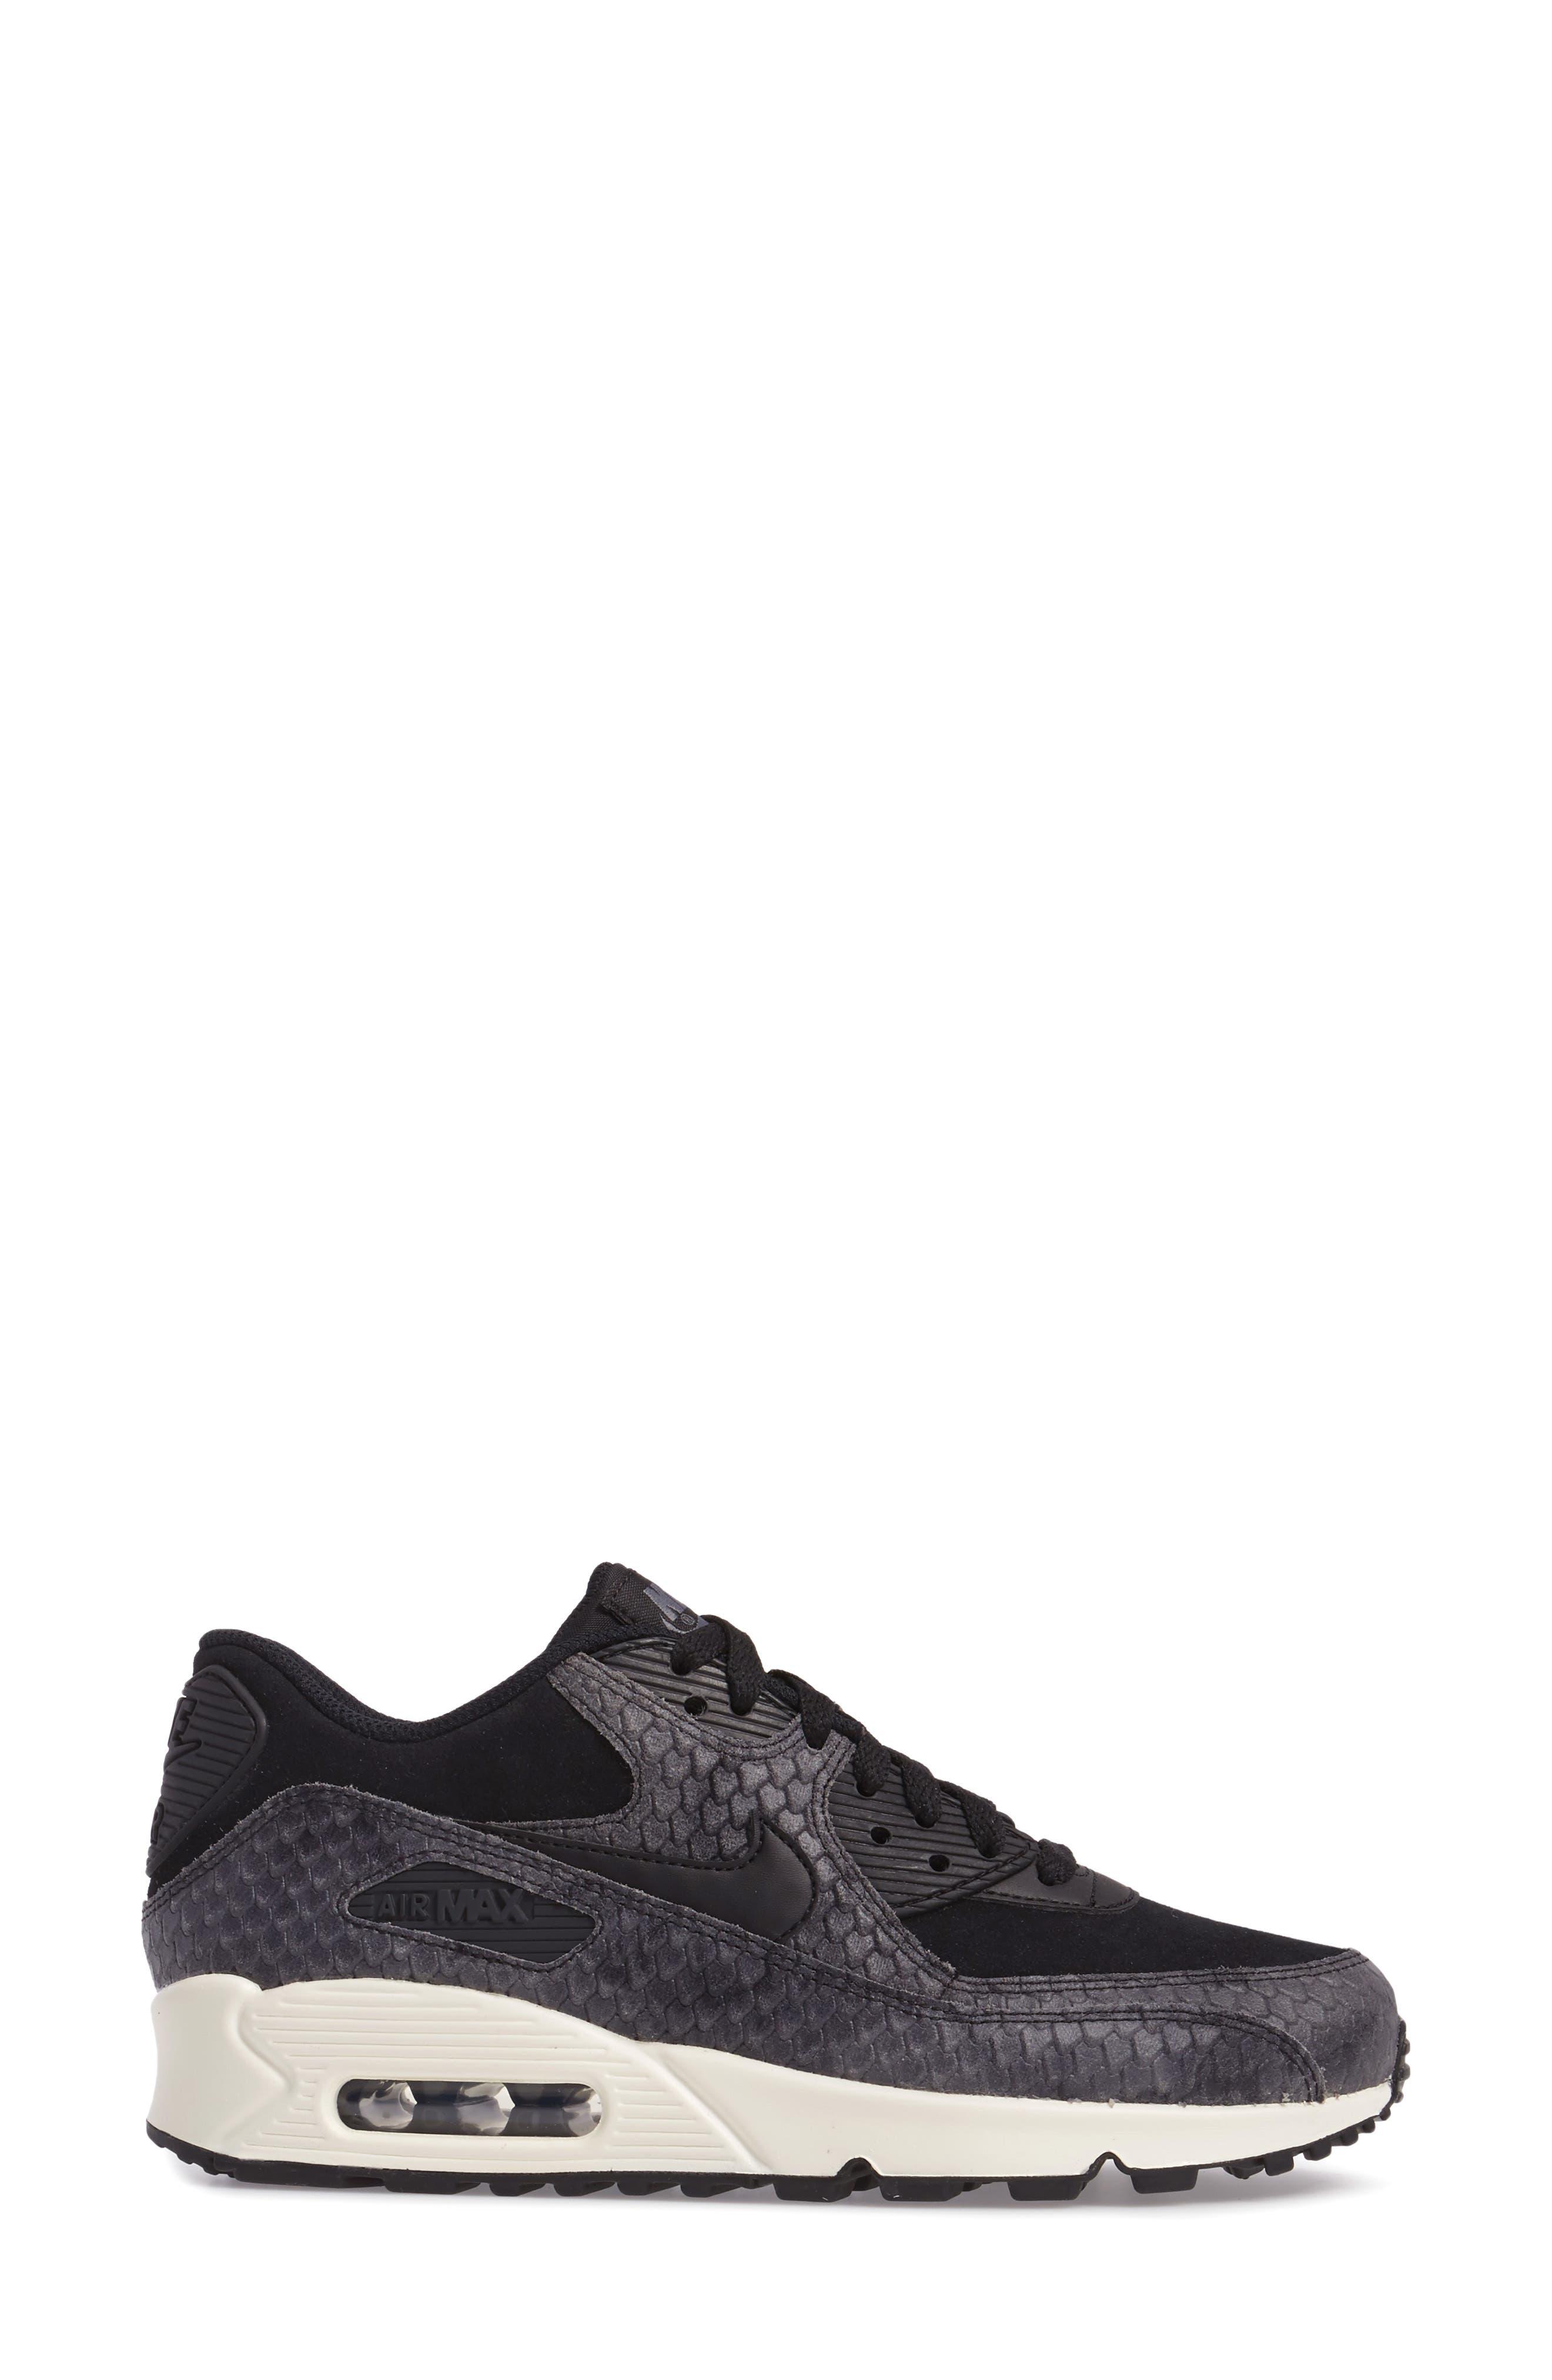 Air Max 90 Embossed Premium Sneaker,                             Alternate thumbnail 3, color,                             005